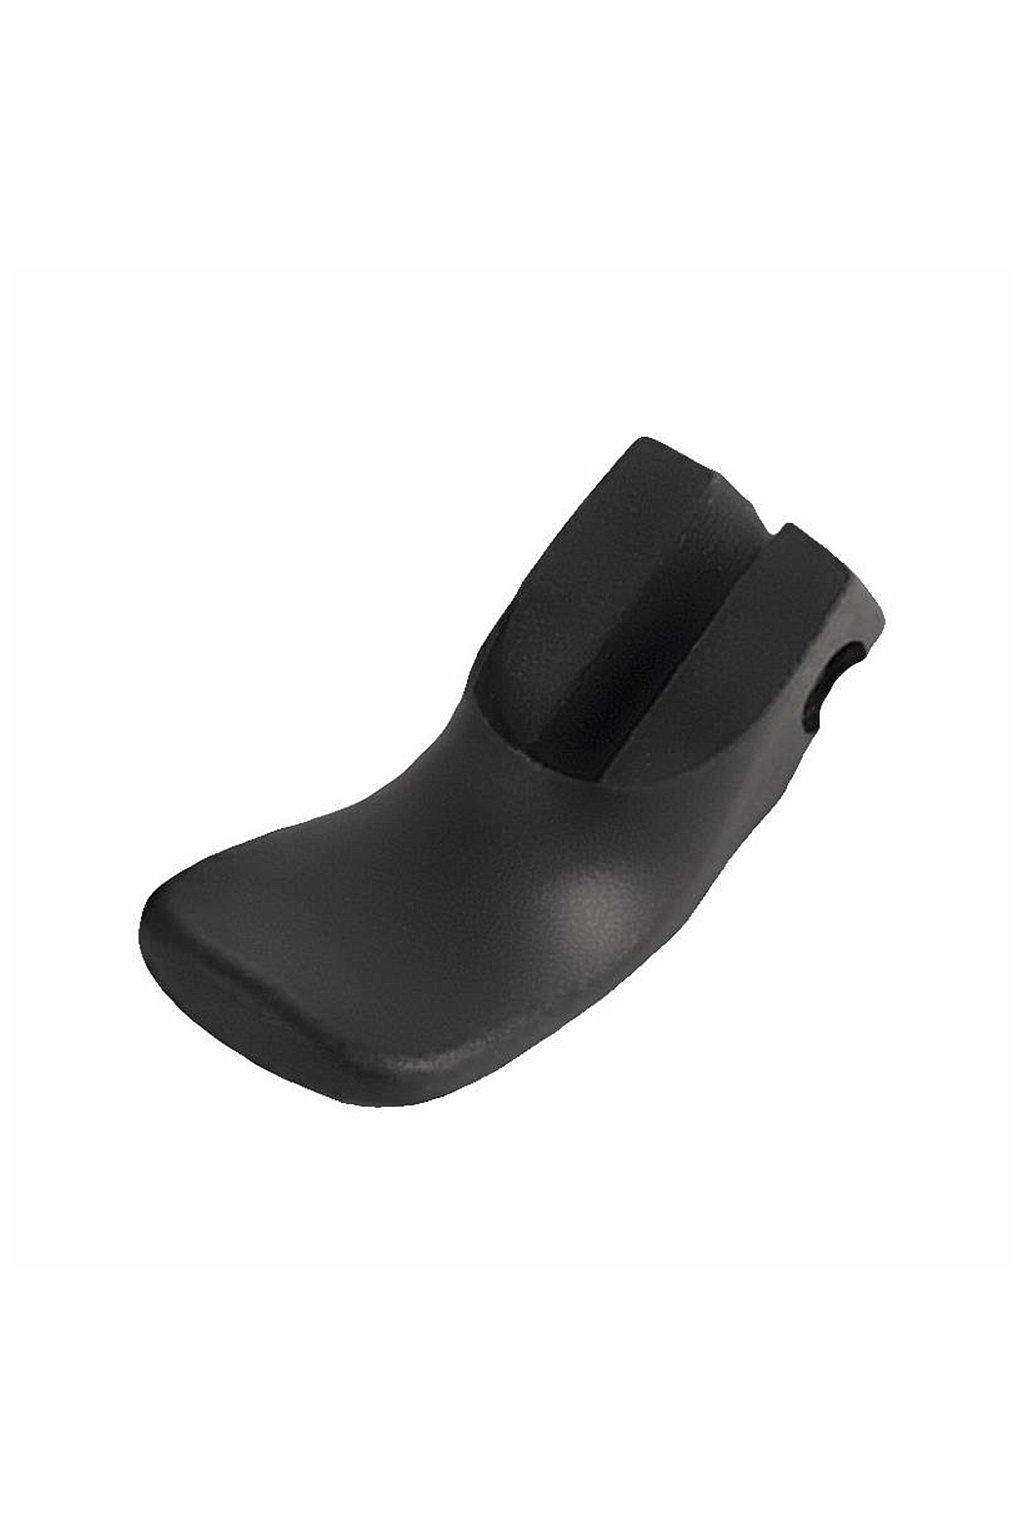 Chránič prstů BOXER pro cepín